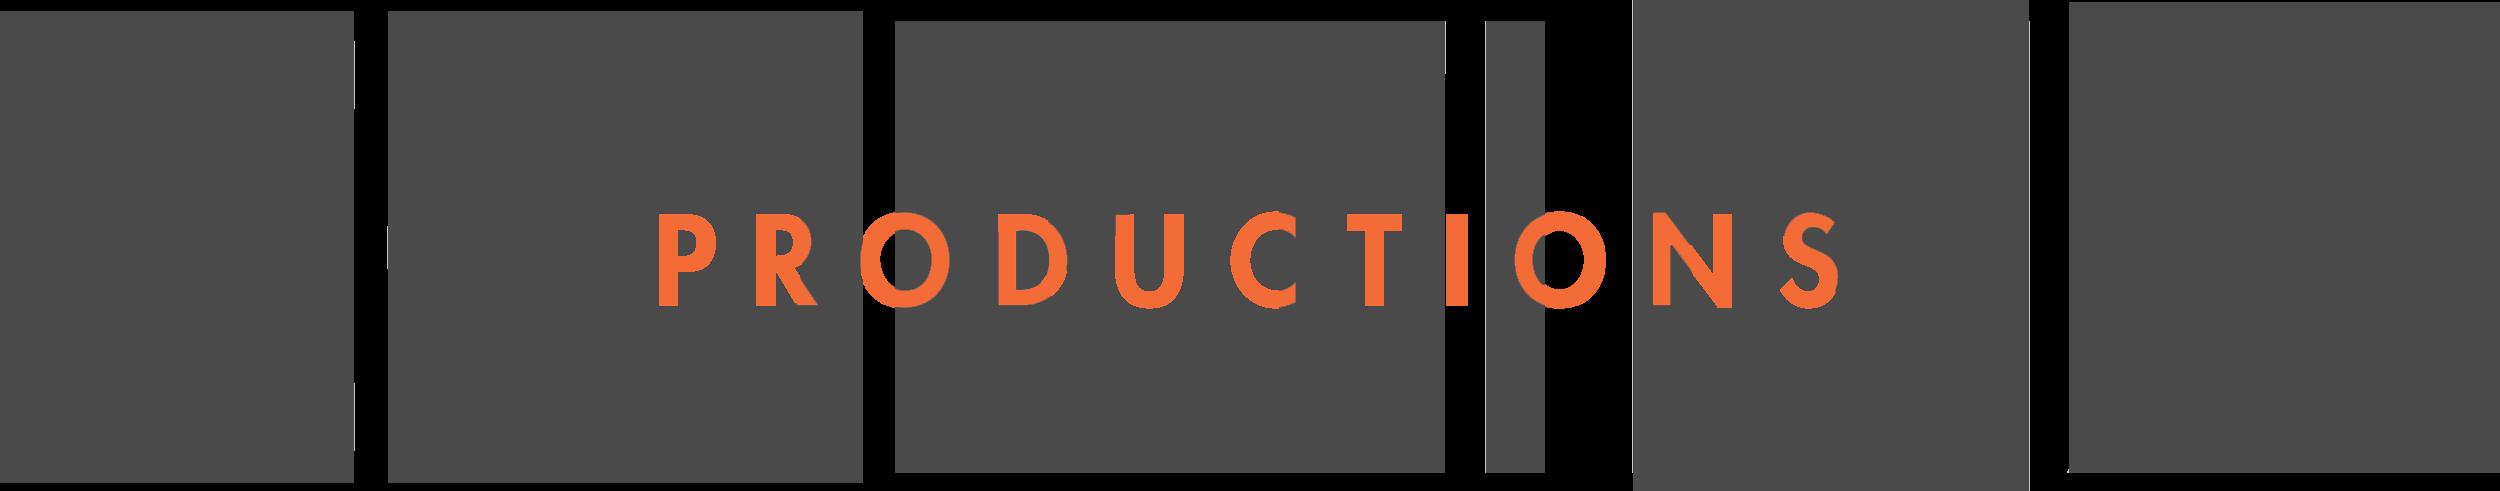 Cortina Productions grey logo